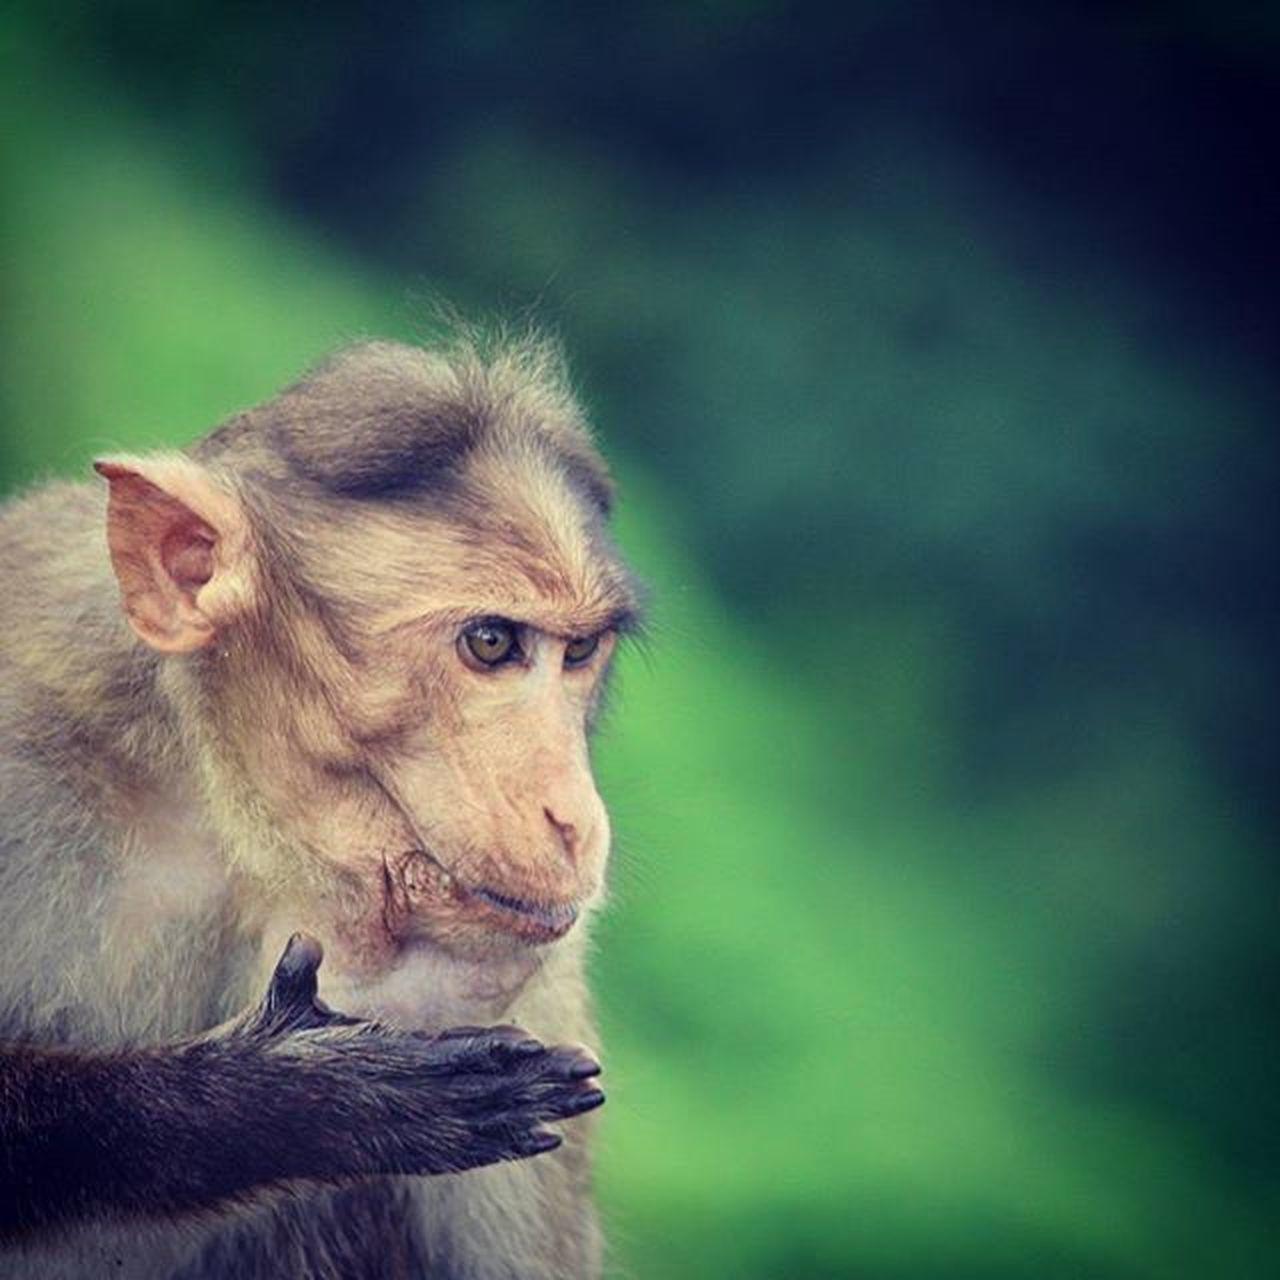 Monkey Wildlifephotography Nature Photography Nature Sandypics90 FUNNY ANIMALS Funny Du_kya